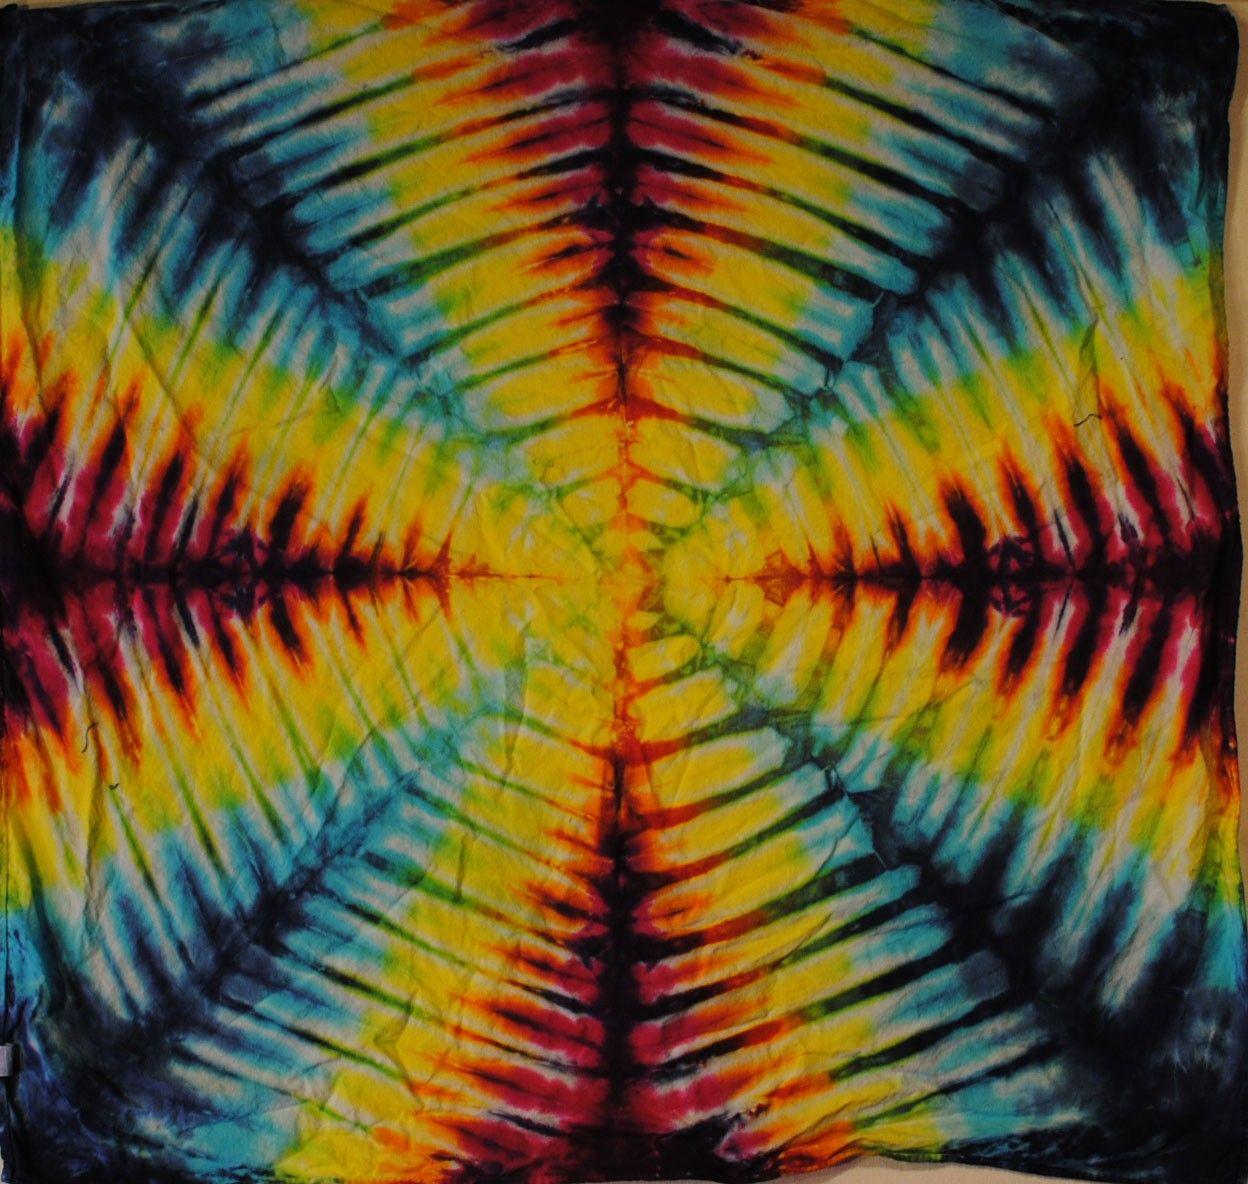 making art tie dye designs patterns colors diy. Black Bedroom Furniture Sets. Home Design Ideas